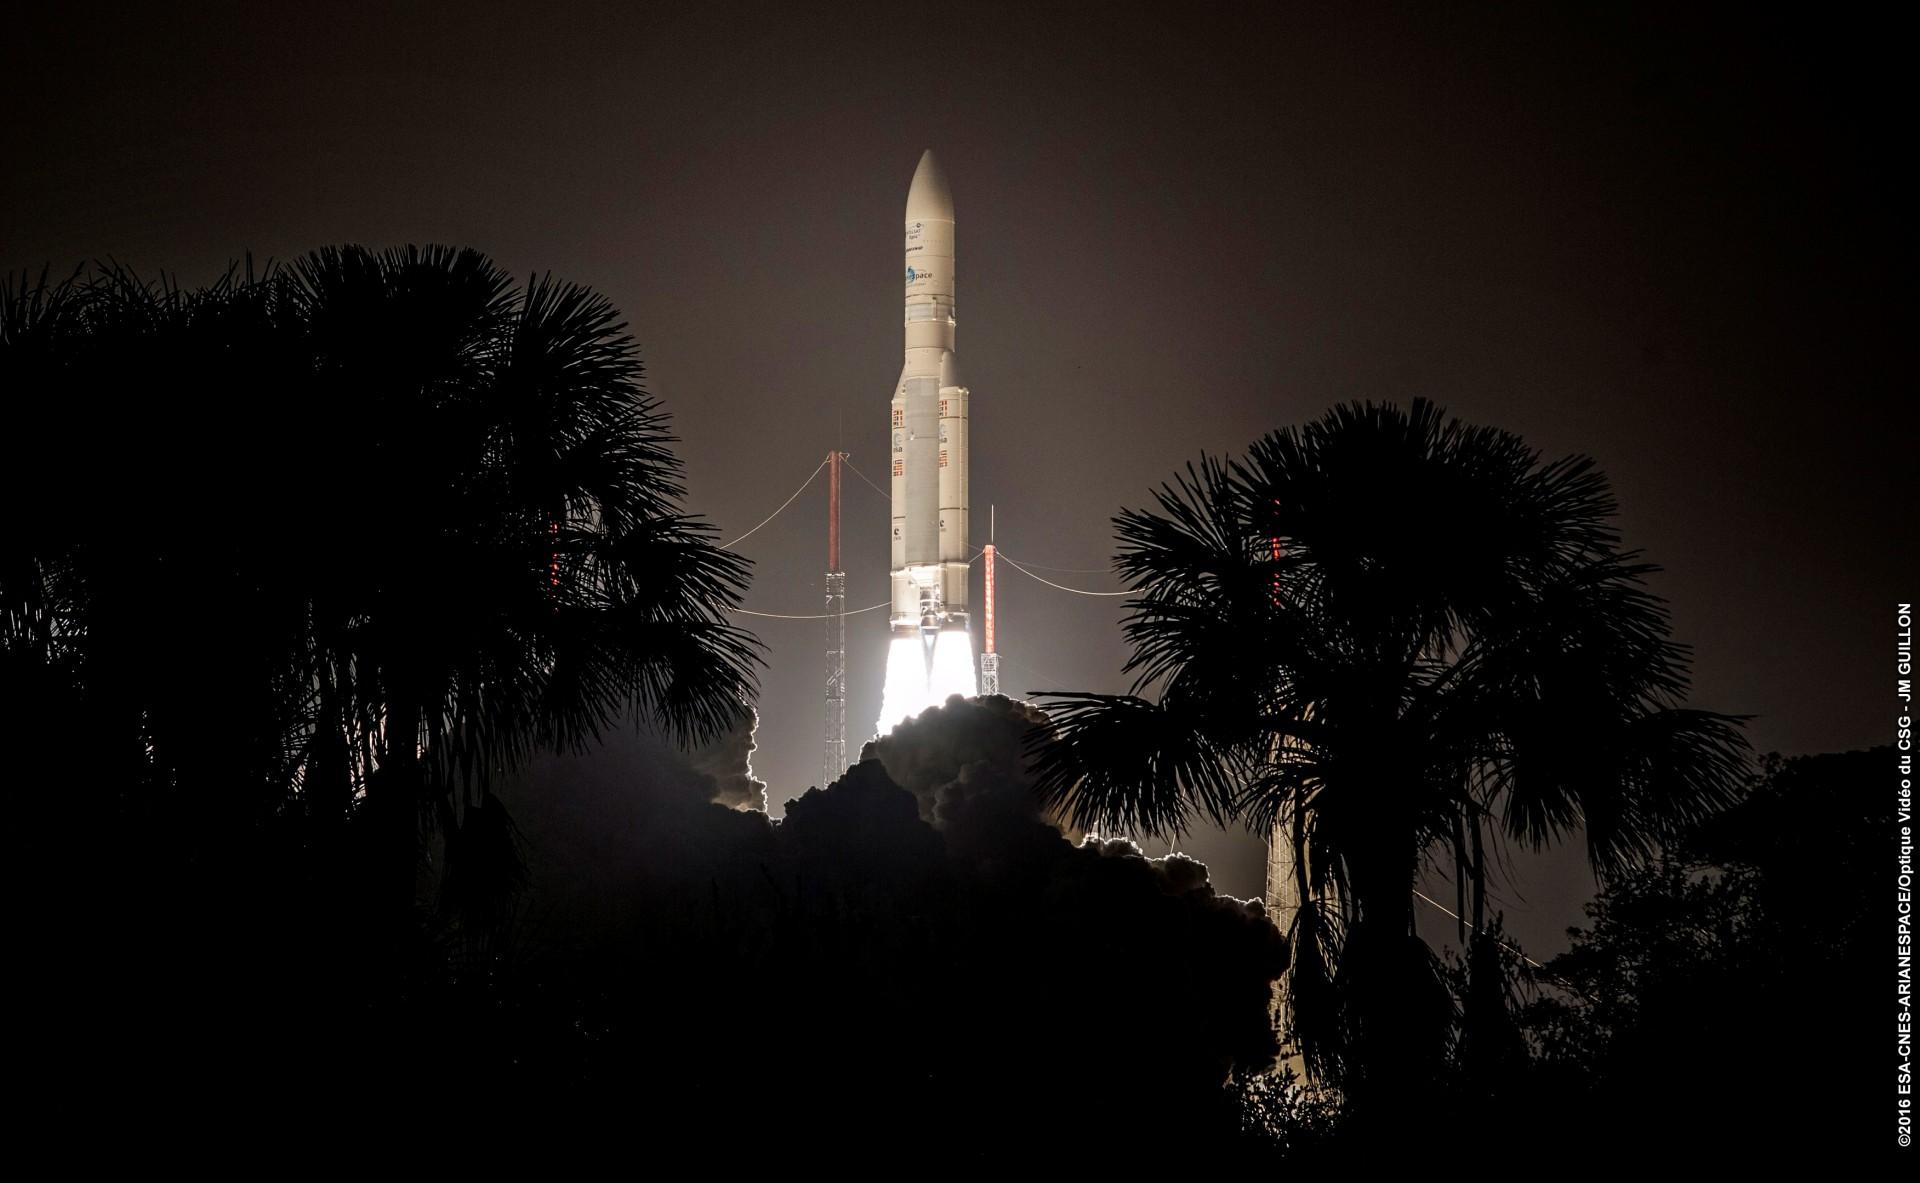 Ariane 5 - décollage - VA 228 - Intelsat 29e - Janvier 2016 - Kourou - CSG - Arianespace